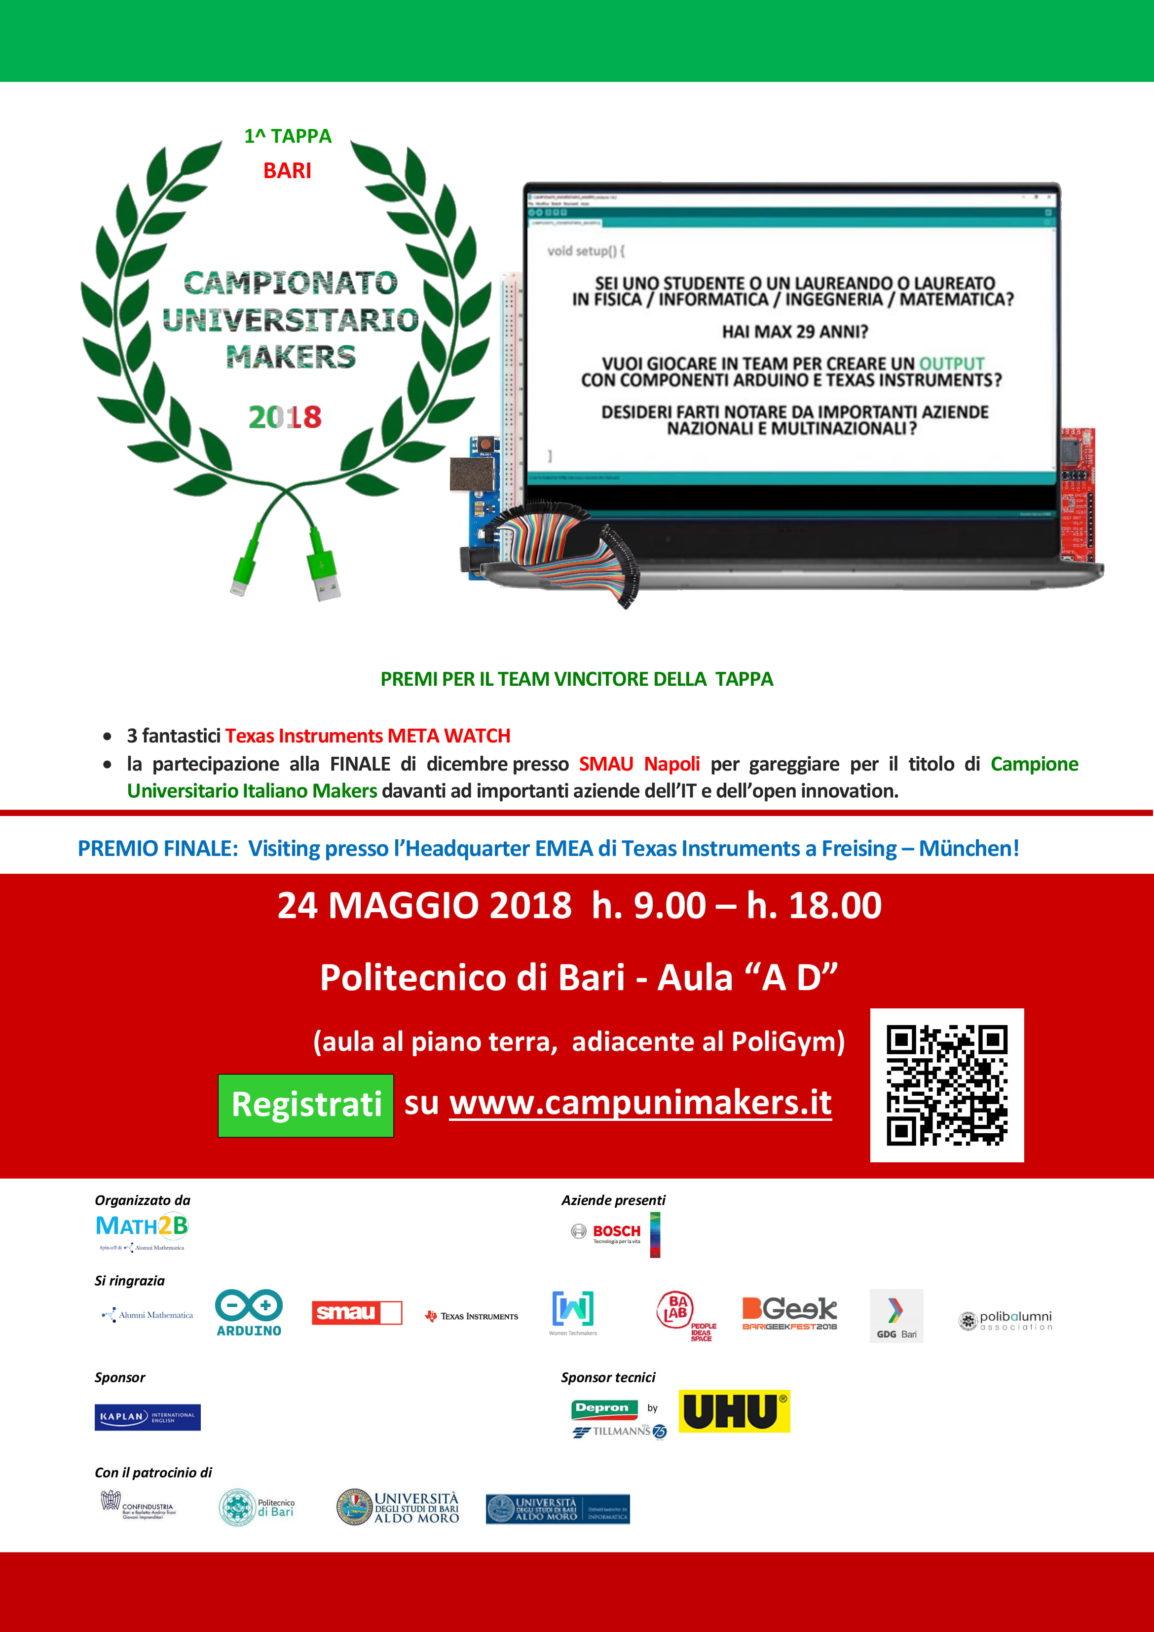 Campionato Universitario Makers Bari